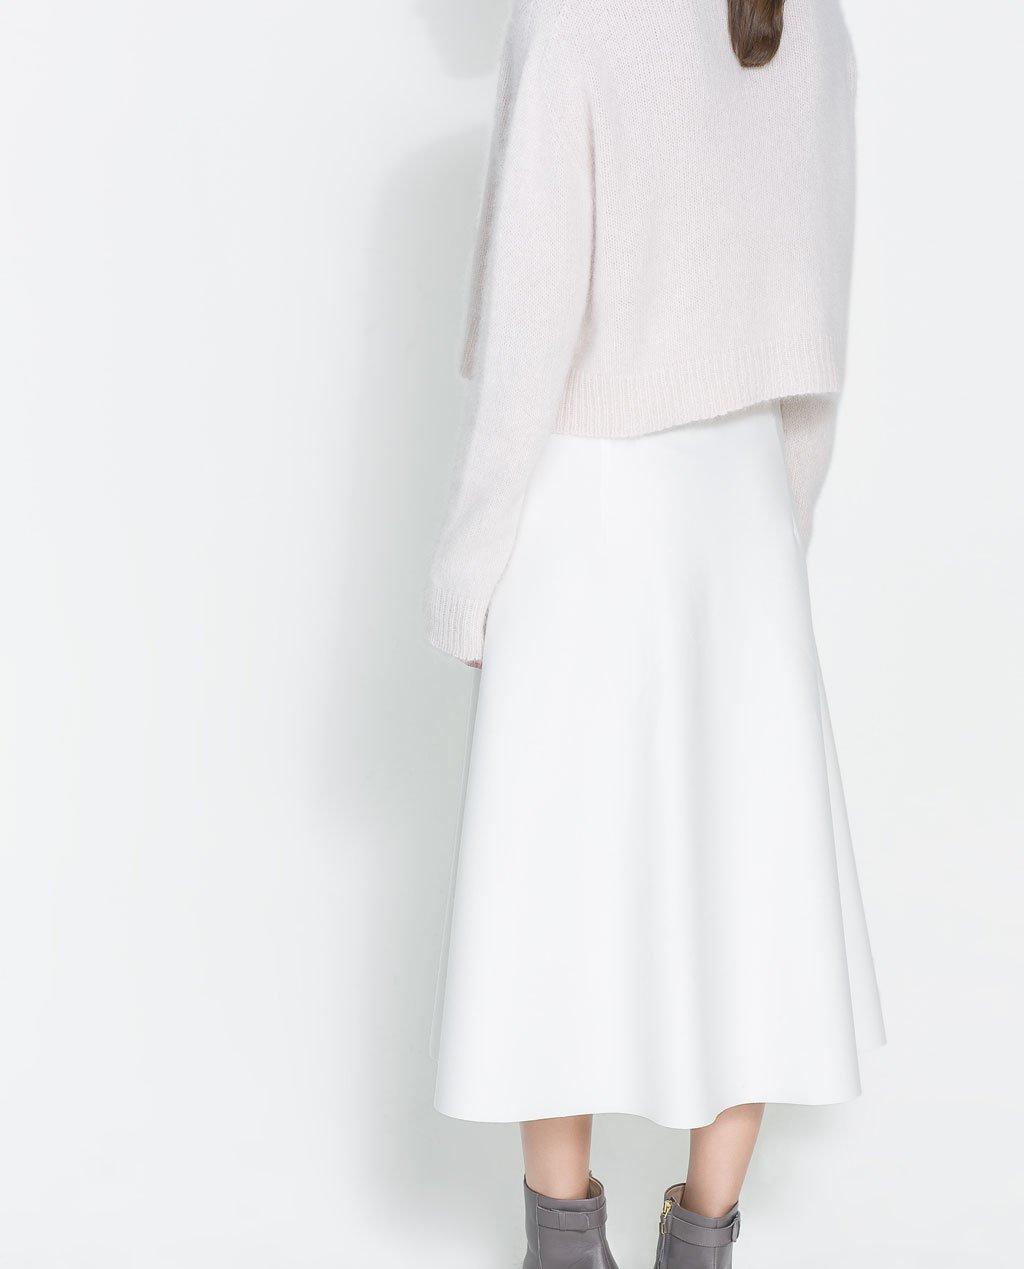 юбка Zara, 699 грн